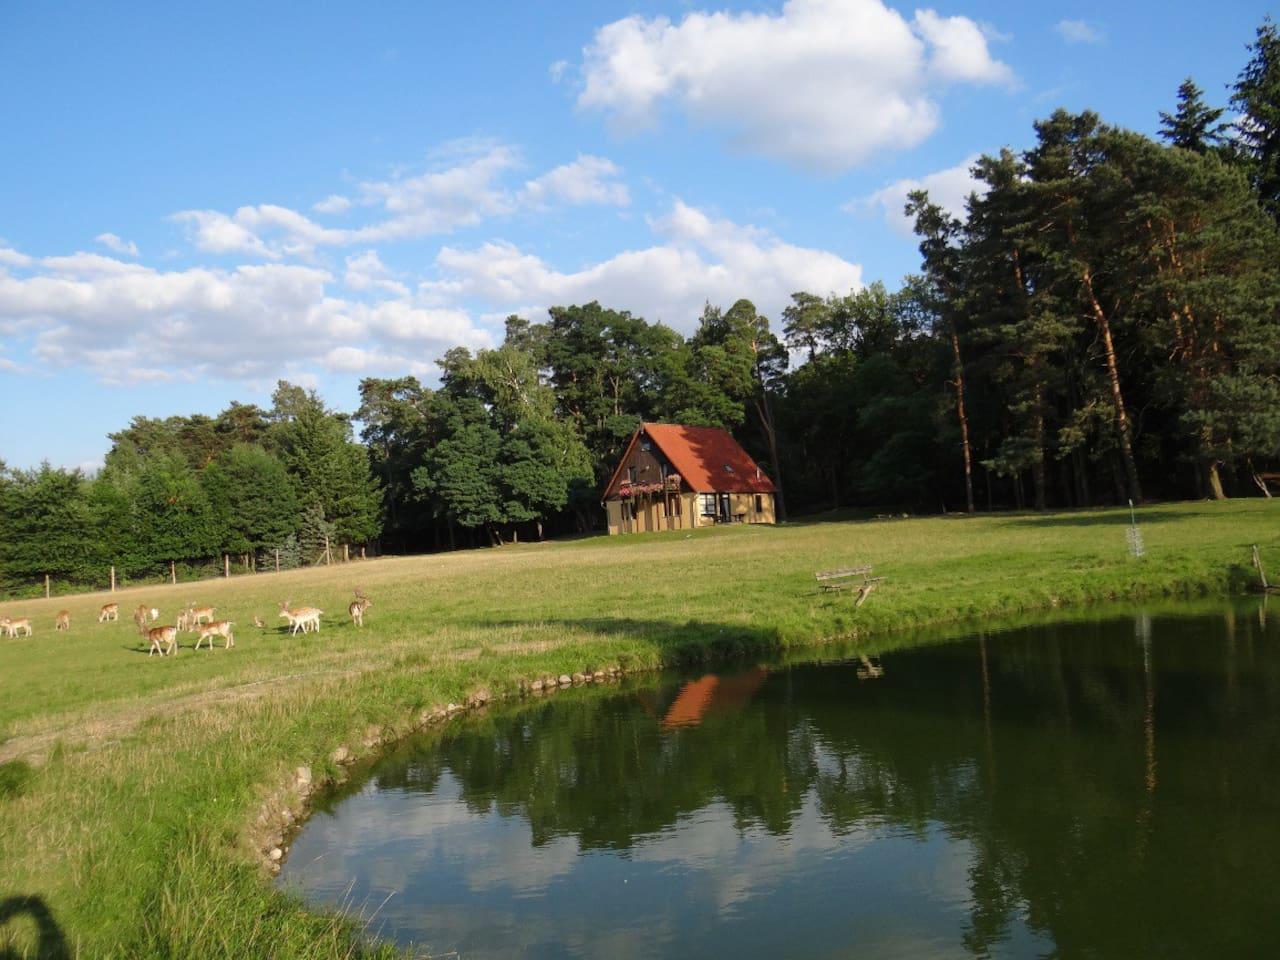 Ferienhaus mit Teich und Wild